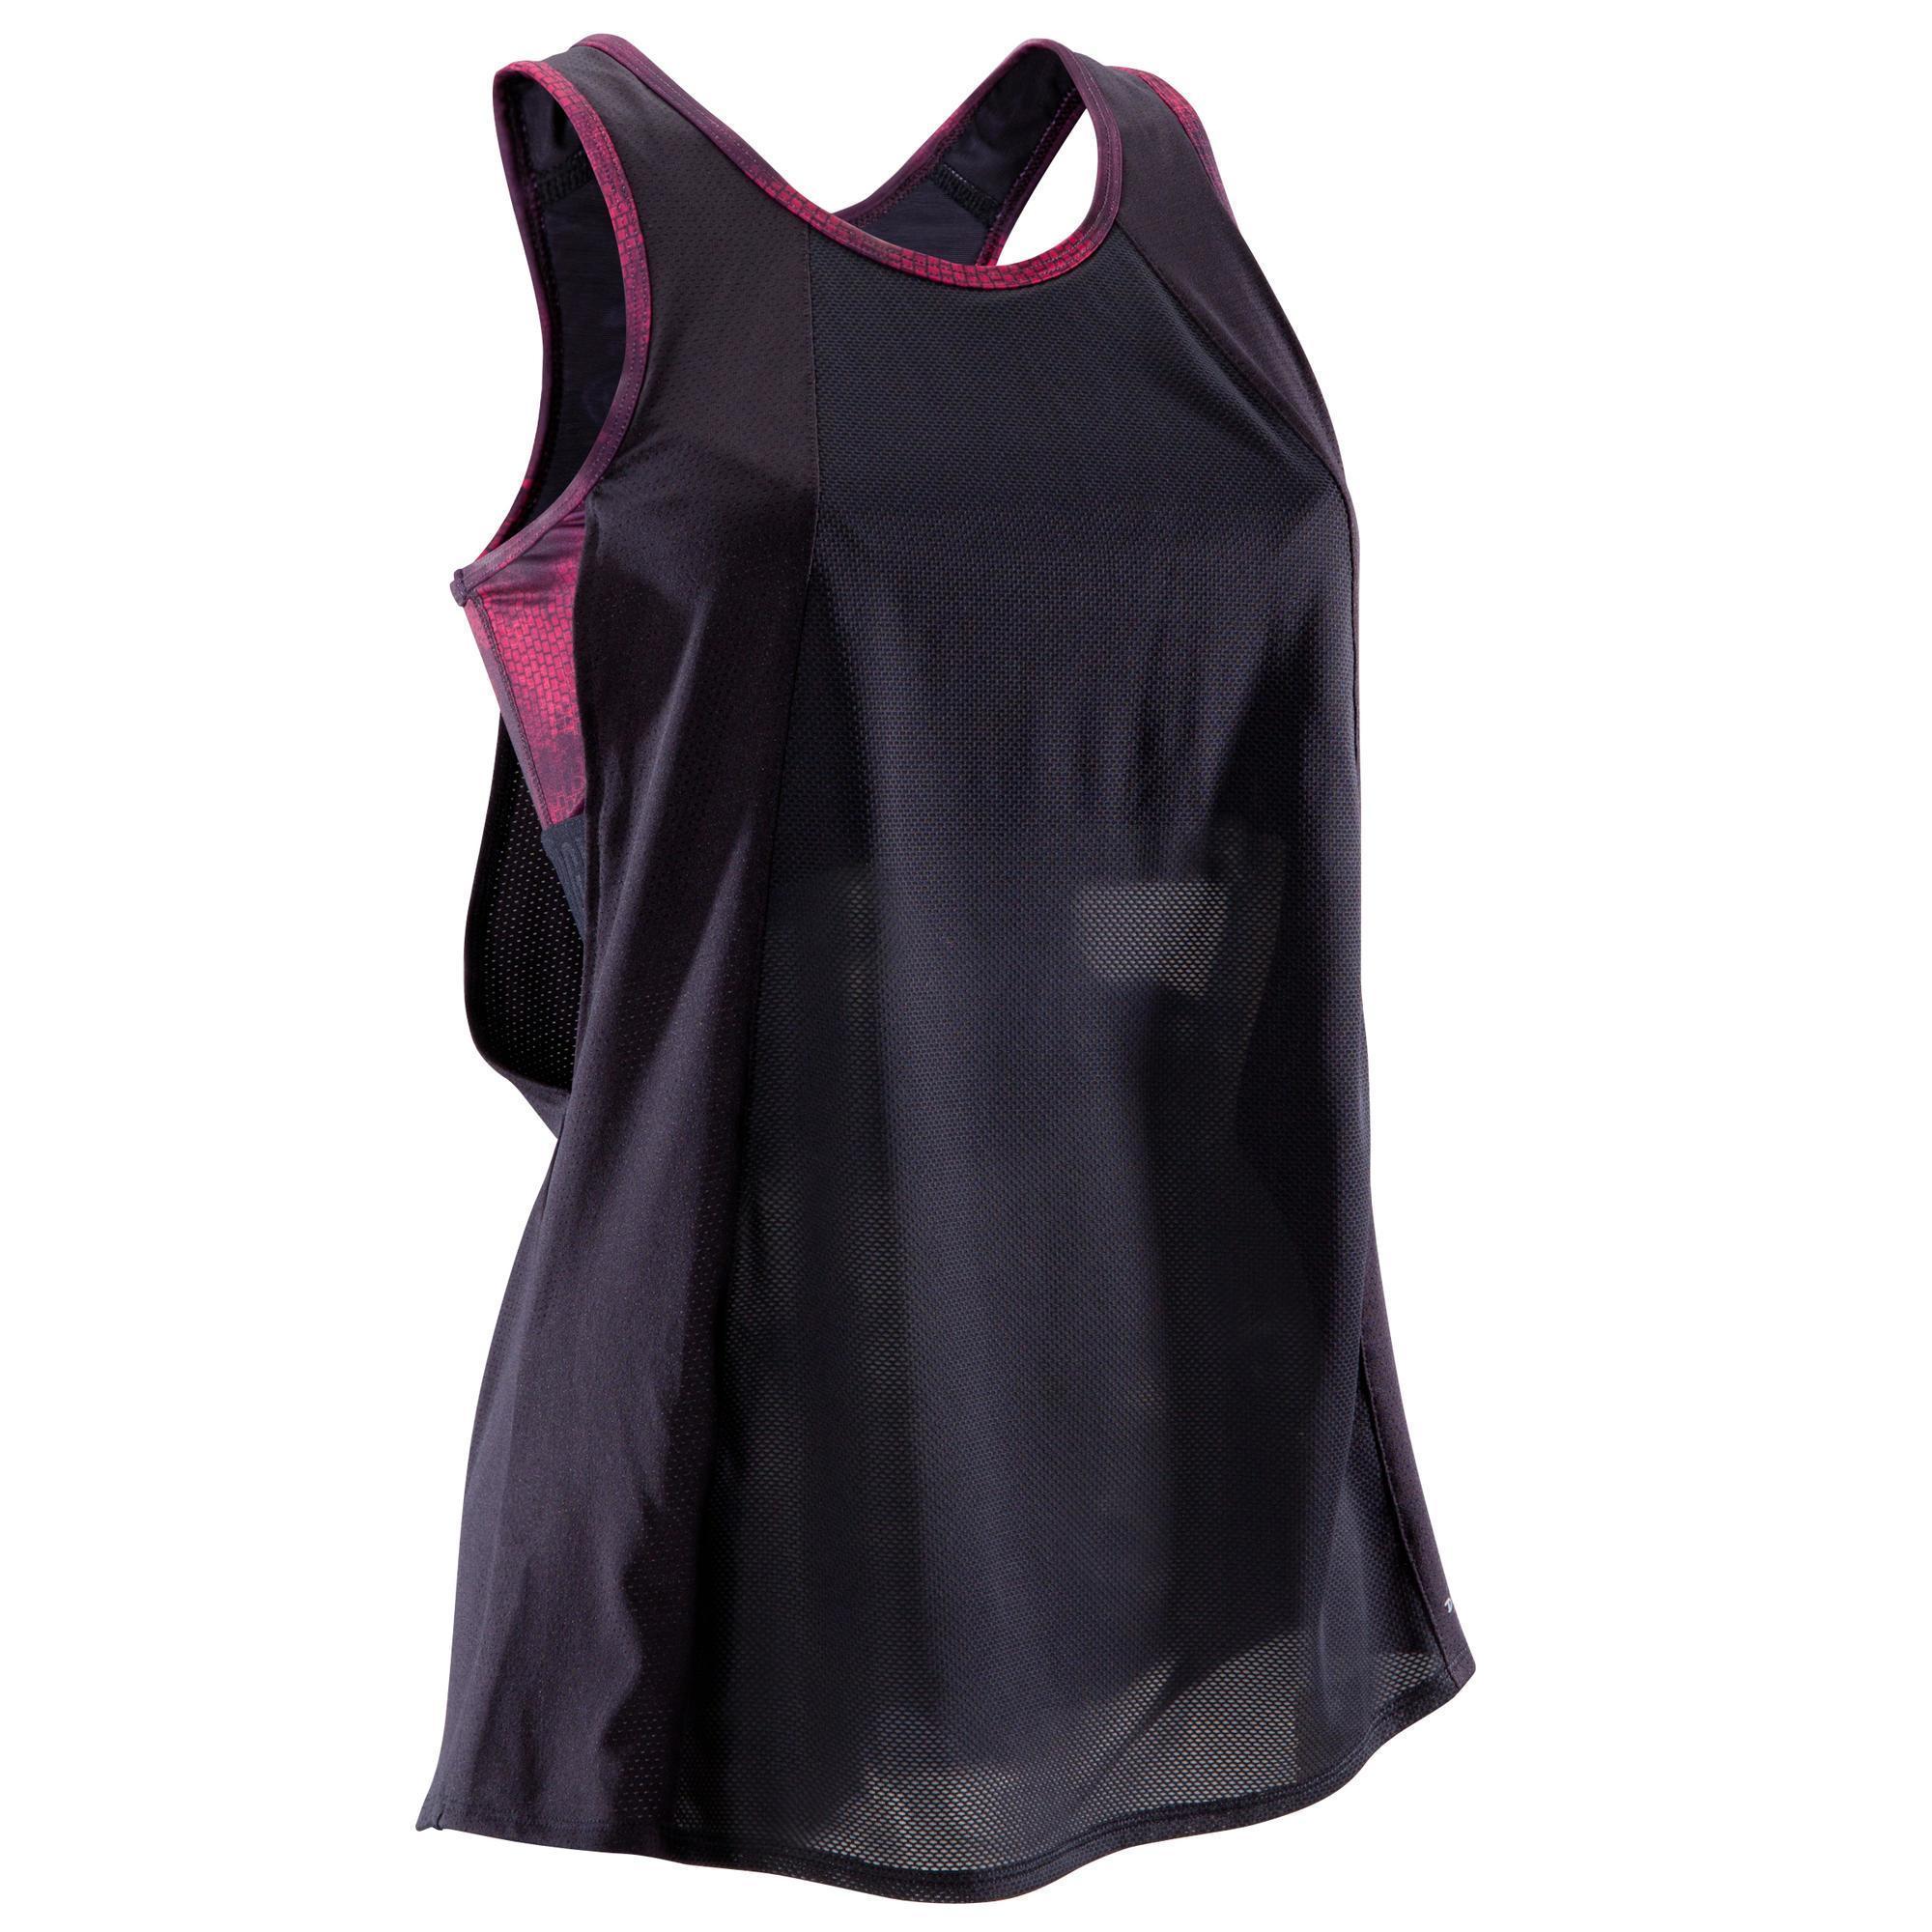 f80ab9c538a Domyos Damestop met ingewerkte beha fitness cardiotraining 500 zwart en  koraal Fitness tops